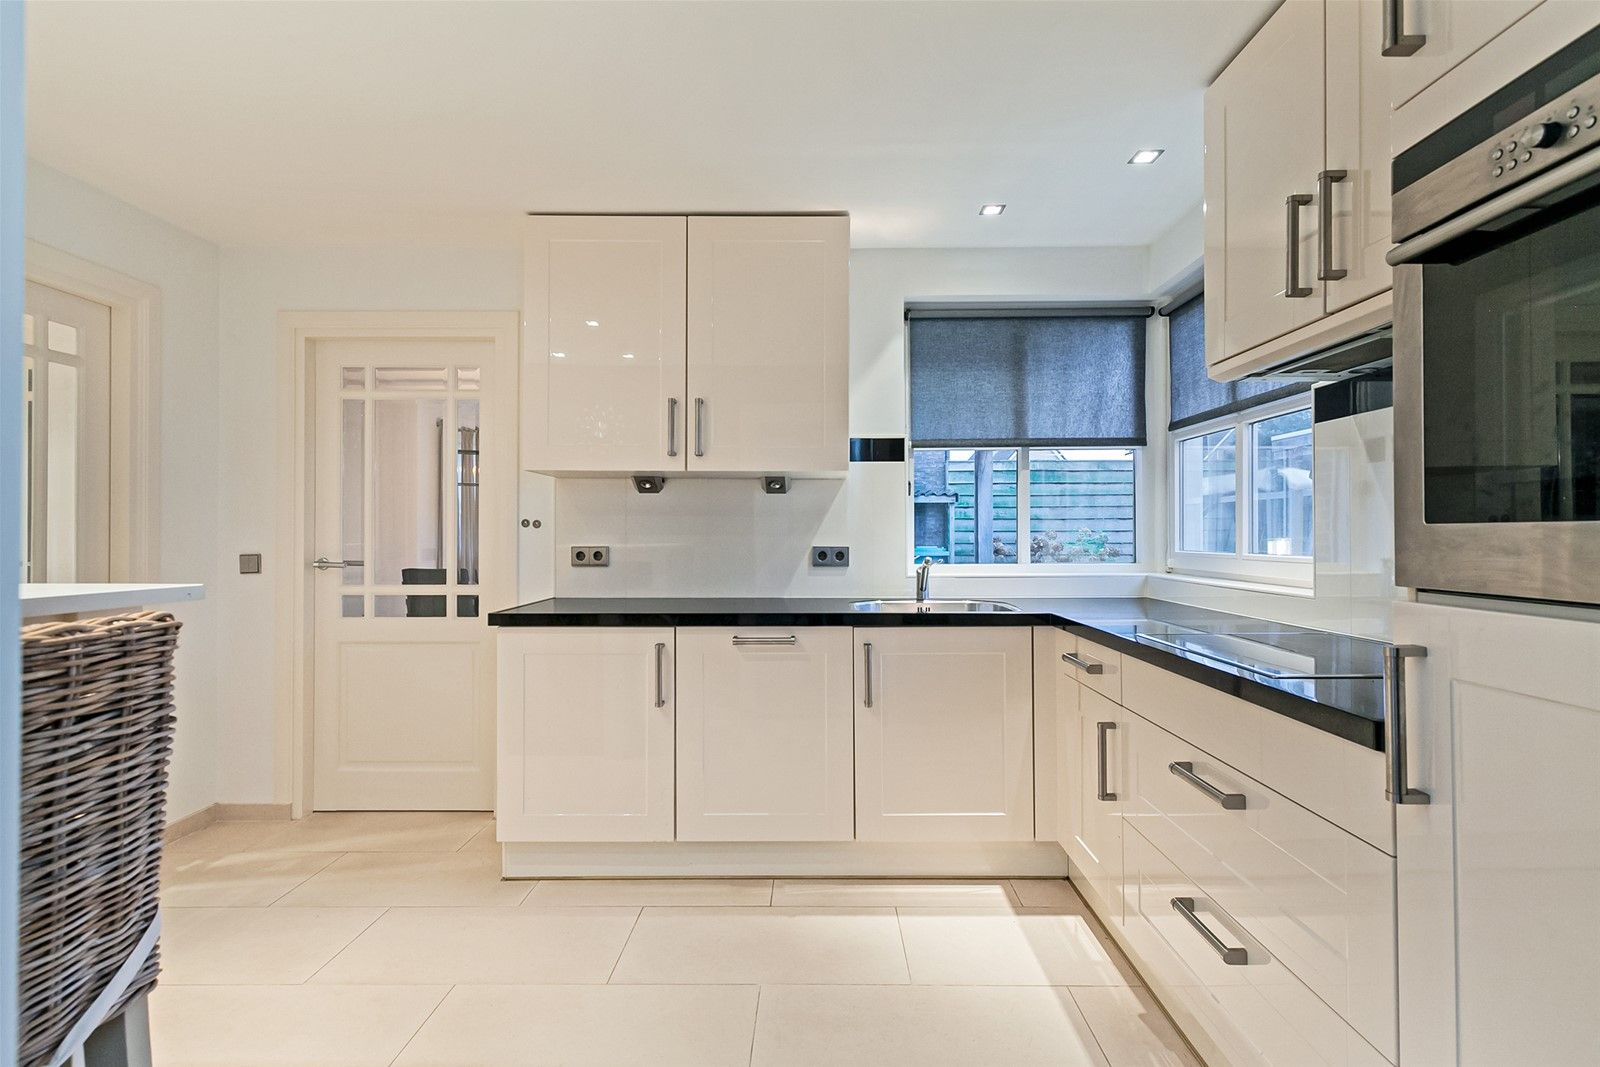 Deze uitgebouwde en instapklare vrijstaande woning met inpandig bereikbare garage en ruime multifunctionele ruimte is gelegen op een perceel van 481 m² in een rustige woonwijk op korte afstand van alle dorpsvoorzieningen. De begane grond heeft o.a. een royale living met rookkanaal en schuifpui naar de tuin, een woonkeuken, praktische bijkeuken en een multifunctionele ruimte welke dienst kan doen als bijv. een hobby-/kantoor ruimte. De eerste verdieping heeft drie slaapkamers en een nette badkamer. Middels een vlizotrap  is de bergzolder bereikbaar. Er is een verzorgd aangelegde voor– en achtertuin aanwezig waarbij de achtertuin is voorzien van meerdere terrassen en een fraaie houten overkapping.  BEGANE GROND Entree/hal met toegang tot de toiletruimte, woonkamer, keuken, trapkast , meterkast en vaste trap naar de eerste verdieping. Afwerking- Tegelvloer met vloerverwarming, stucwerk wanden en een stucwerk plafond met spotverlichting Meterkast- 9 groepen en een aardlekschakelaar.  Toiletruimte met zwevend toilet en fonteintje. Afwerking- Tegelvloer met vloerverwarming, wandtegels en een aluminium plafond met spotverlichting.  Verdiepte trapkast. Afwerking- Tegelvloer, deels wandtegels met daarboven stucwerk en een stucwerk plafond.  Zeer ruime L-vormige woonkamer met rookkanaal en schuifpui naar een overdekt terras en de achtertuin. De woonkamer biedt tevens toegang naar de leefkeuken. Afwerking- Tegelvloer met vloerverwarming, stucwerk wanden en stucwerk plafond met sierlijsten en spotverlichting.  Dichte woonkeuken in hoekopstelling uitgerust met een composiet werkblad, spoelbak, vaatwasser, inductiekookplaat, afzuigkap, combimagnetron, koelkast en kastruimte. Vanuit de keuken zijn de bijkeuken, hal en woonkamer bereikbaar. Afwerking- Tegelvloer met vloerverwarming, stucwerk wanden en een stucwerk plafond met spotverlichting.  Praktische bijkeuken met een wastafel en wasmachine– aansluiting. De ruimte geeft toegang tot de garage.  Afwerking- Tegelvloer, wandtegels 